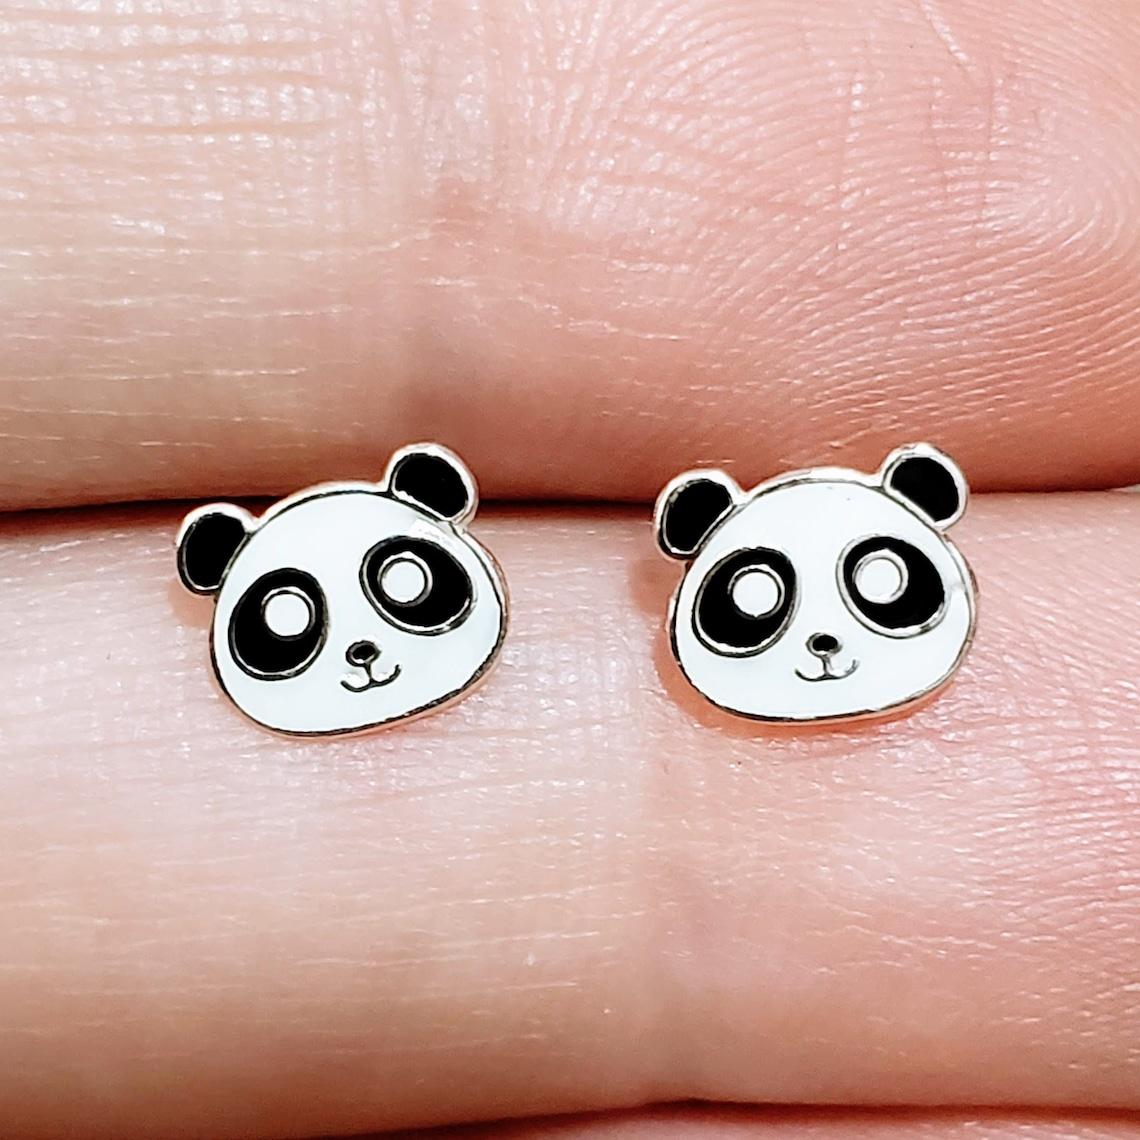 22. Silver Panda Ear Studs Earrings 925 Sterling Silver